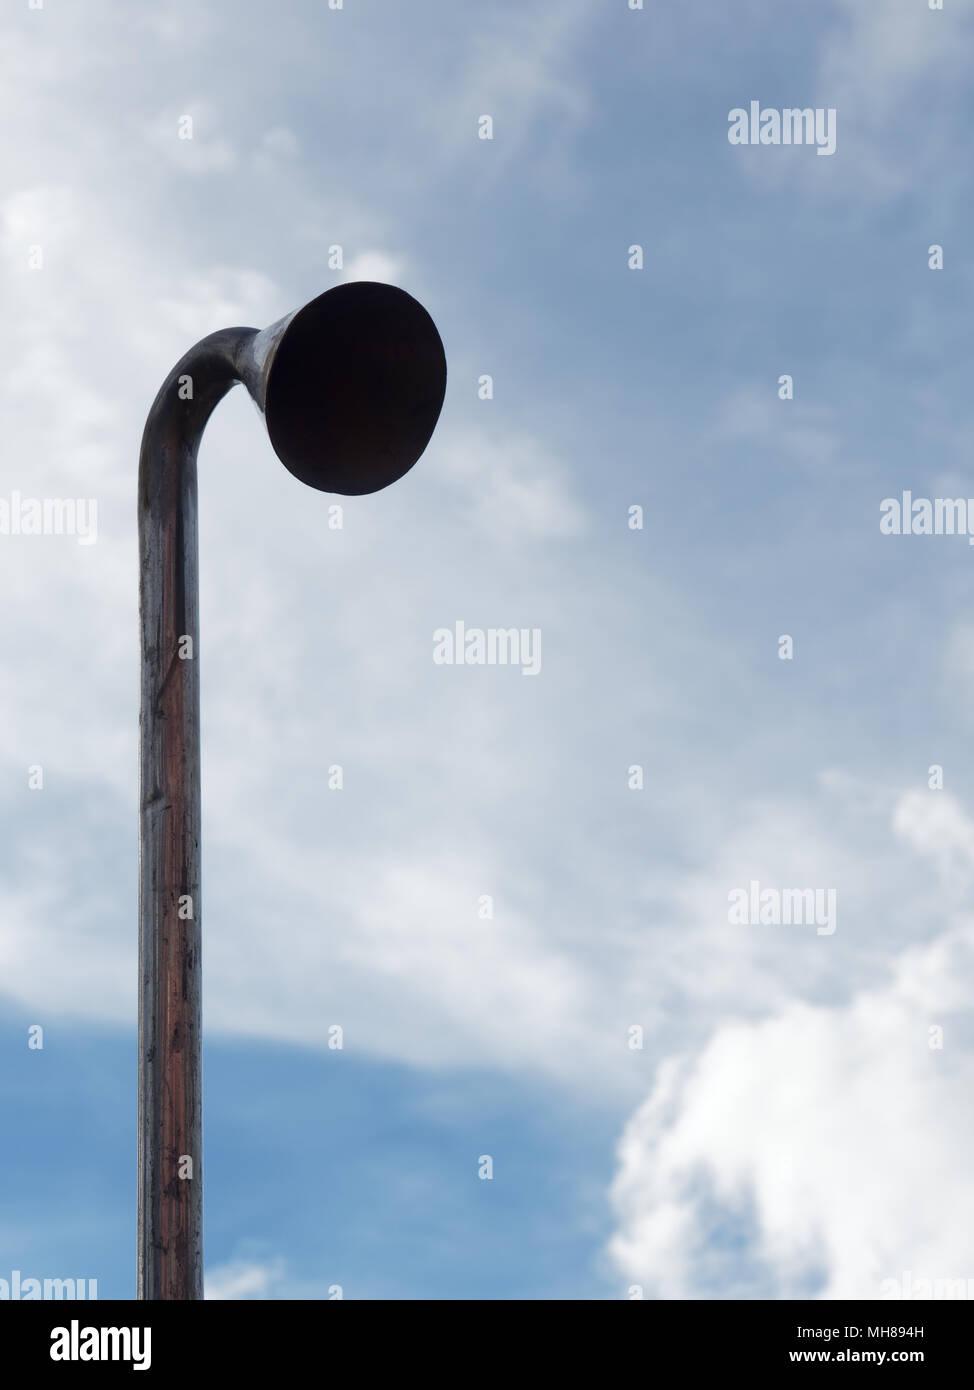 Ad induzione o tubo di aspirazione con la testa per il test di inquinamento atmosferico e acustico su un blu brillante sfondo cielo nuvola di aspirazione nel tubo con concetti di business, l'ambiente, aspirazione, industria e inquinamento Immagini Stock